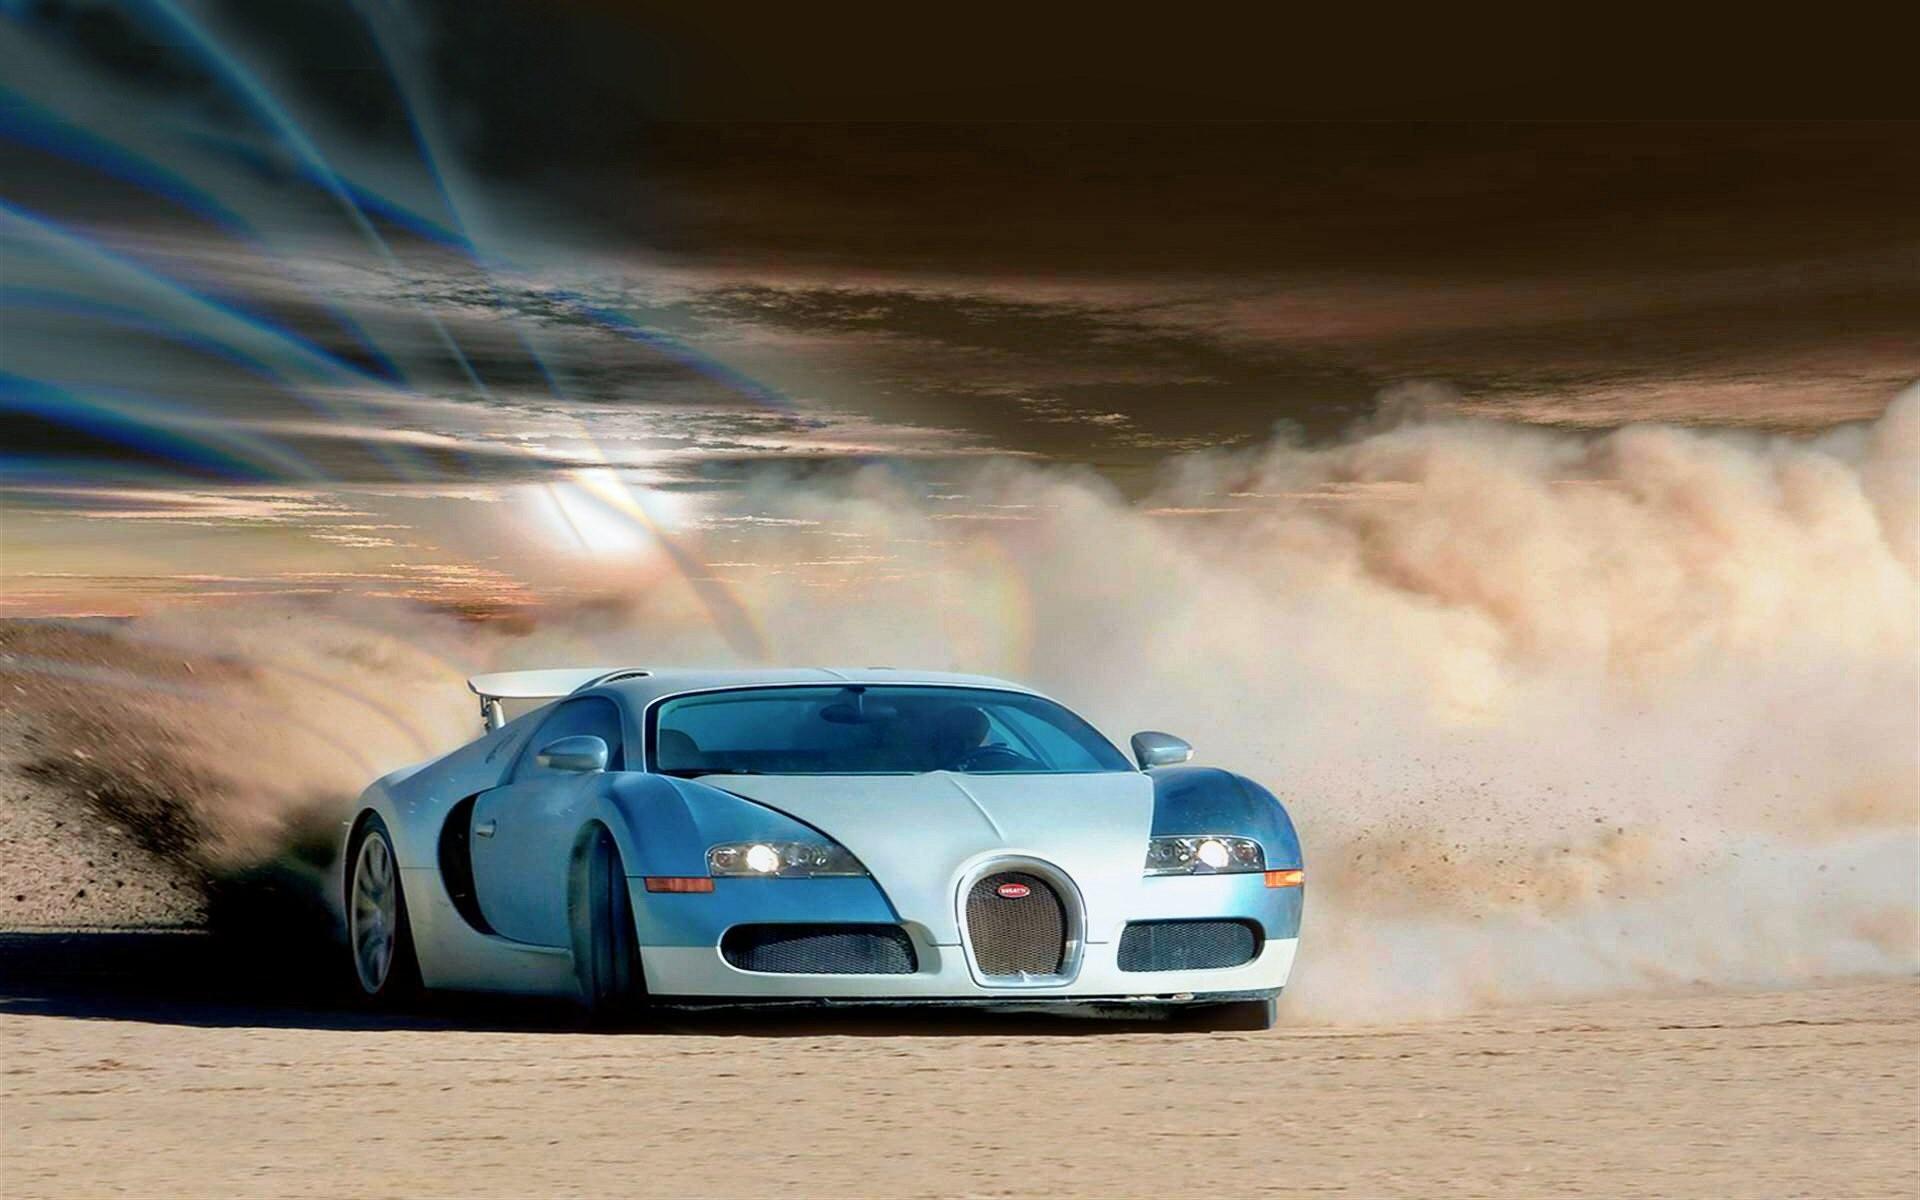 Bugatti Car Wallpaper Hd 1994316 Hd Wallpaper